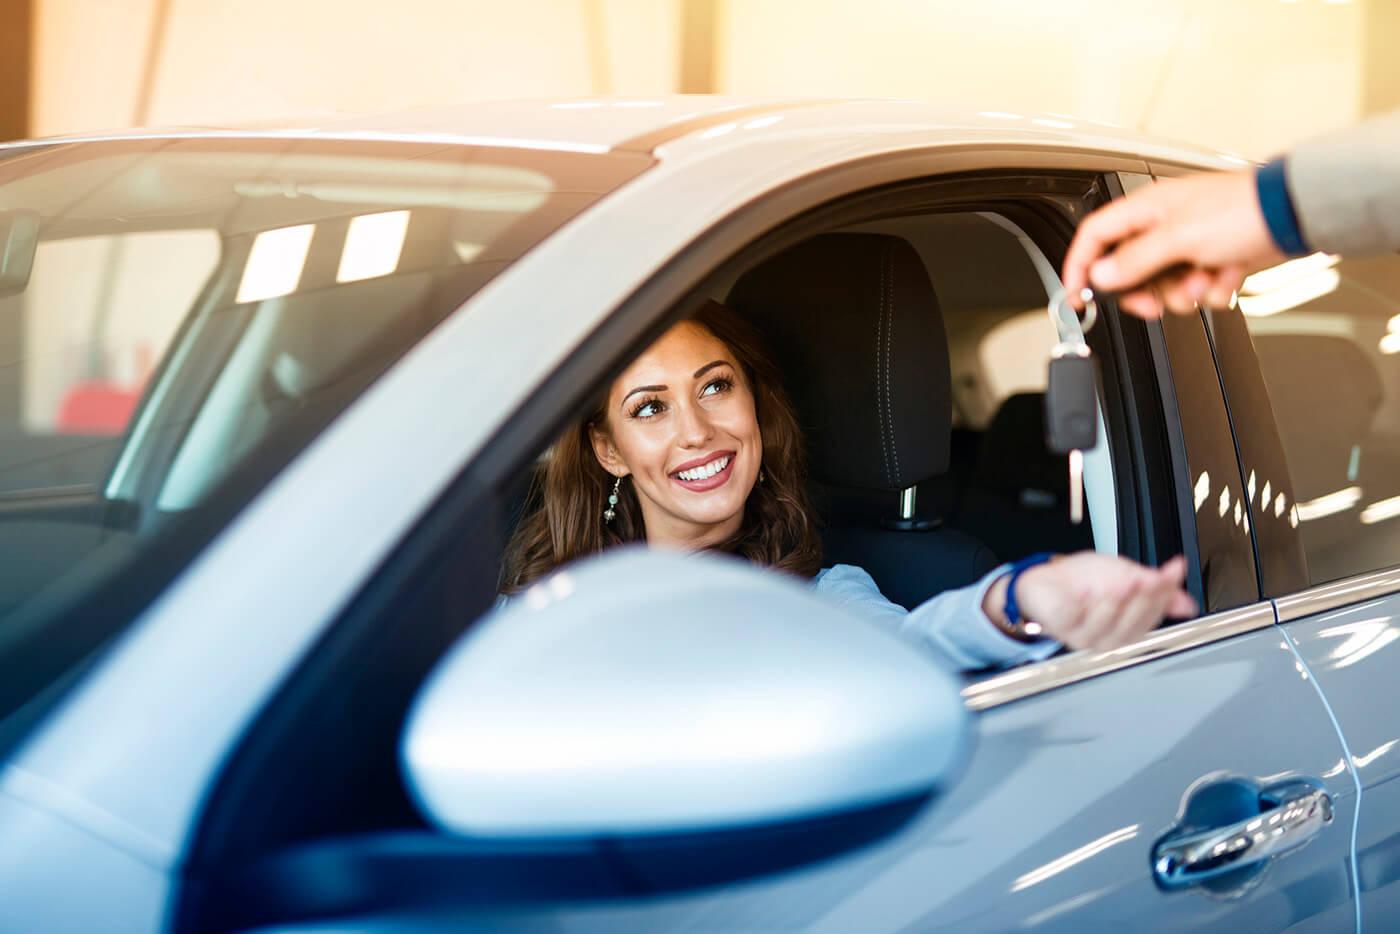 ไม่ผิดหวังเมื่อใช้บริการ เปรียบเทียบ ราคาประกันรถยนต์ กับเว็บมิสเตอร์คุ้มค่า